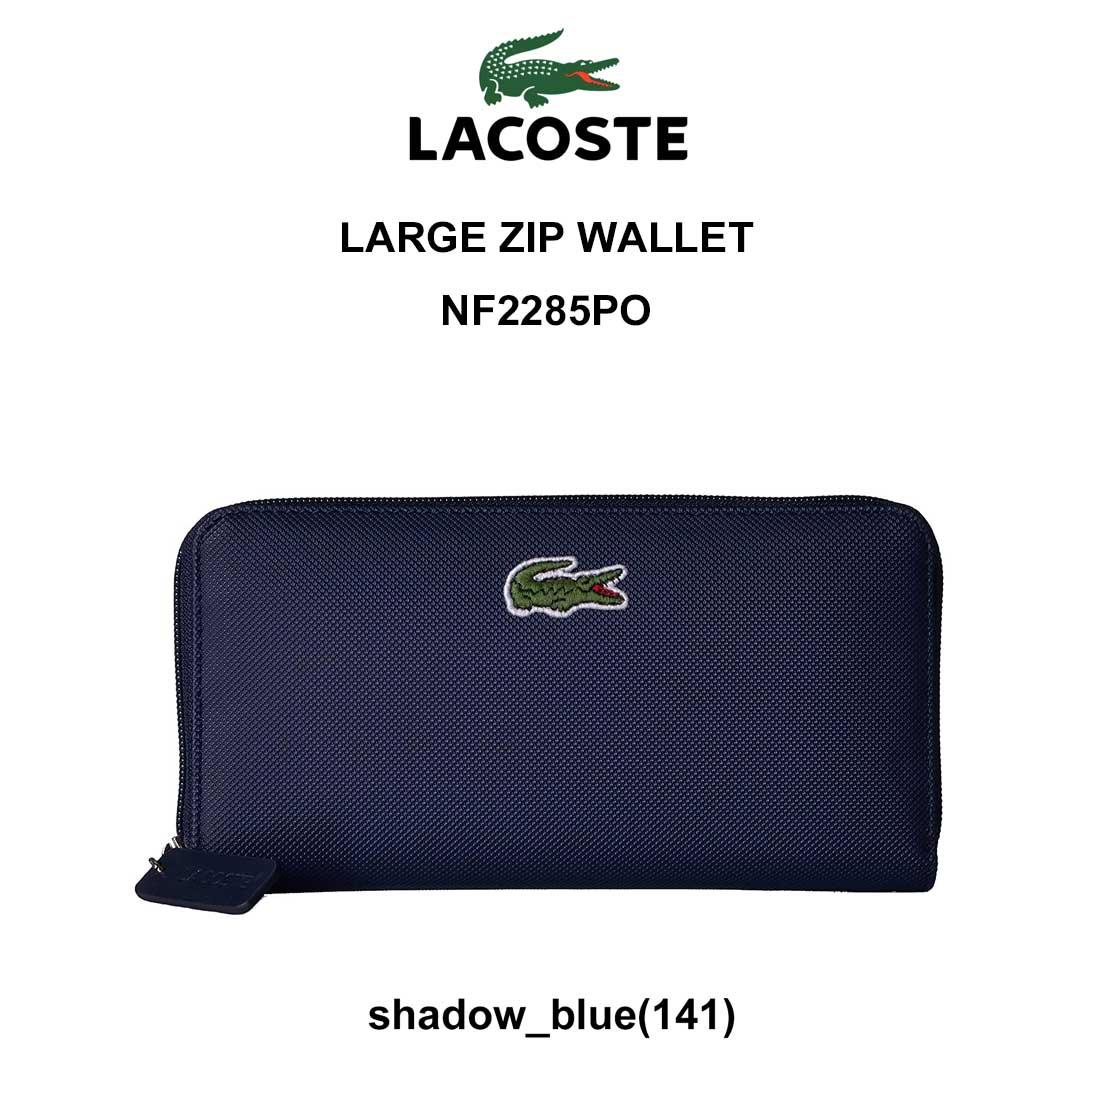 LACOSTE(ラコステ)長財布 ラウンドファスナー ジッパー 本革 レディース LARGE ZIP WALLET NF2285PO